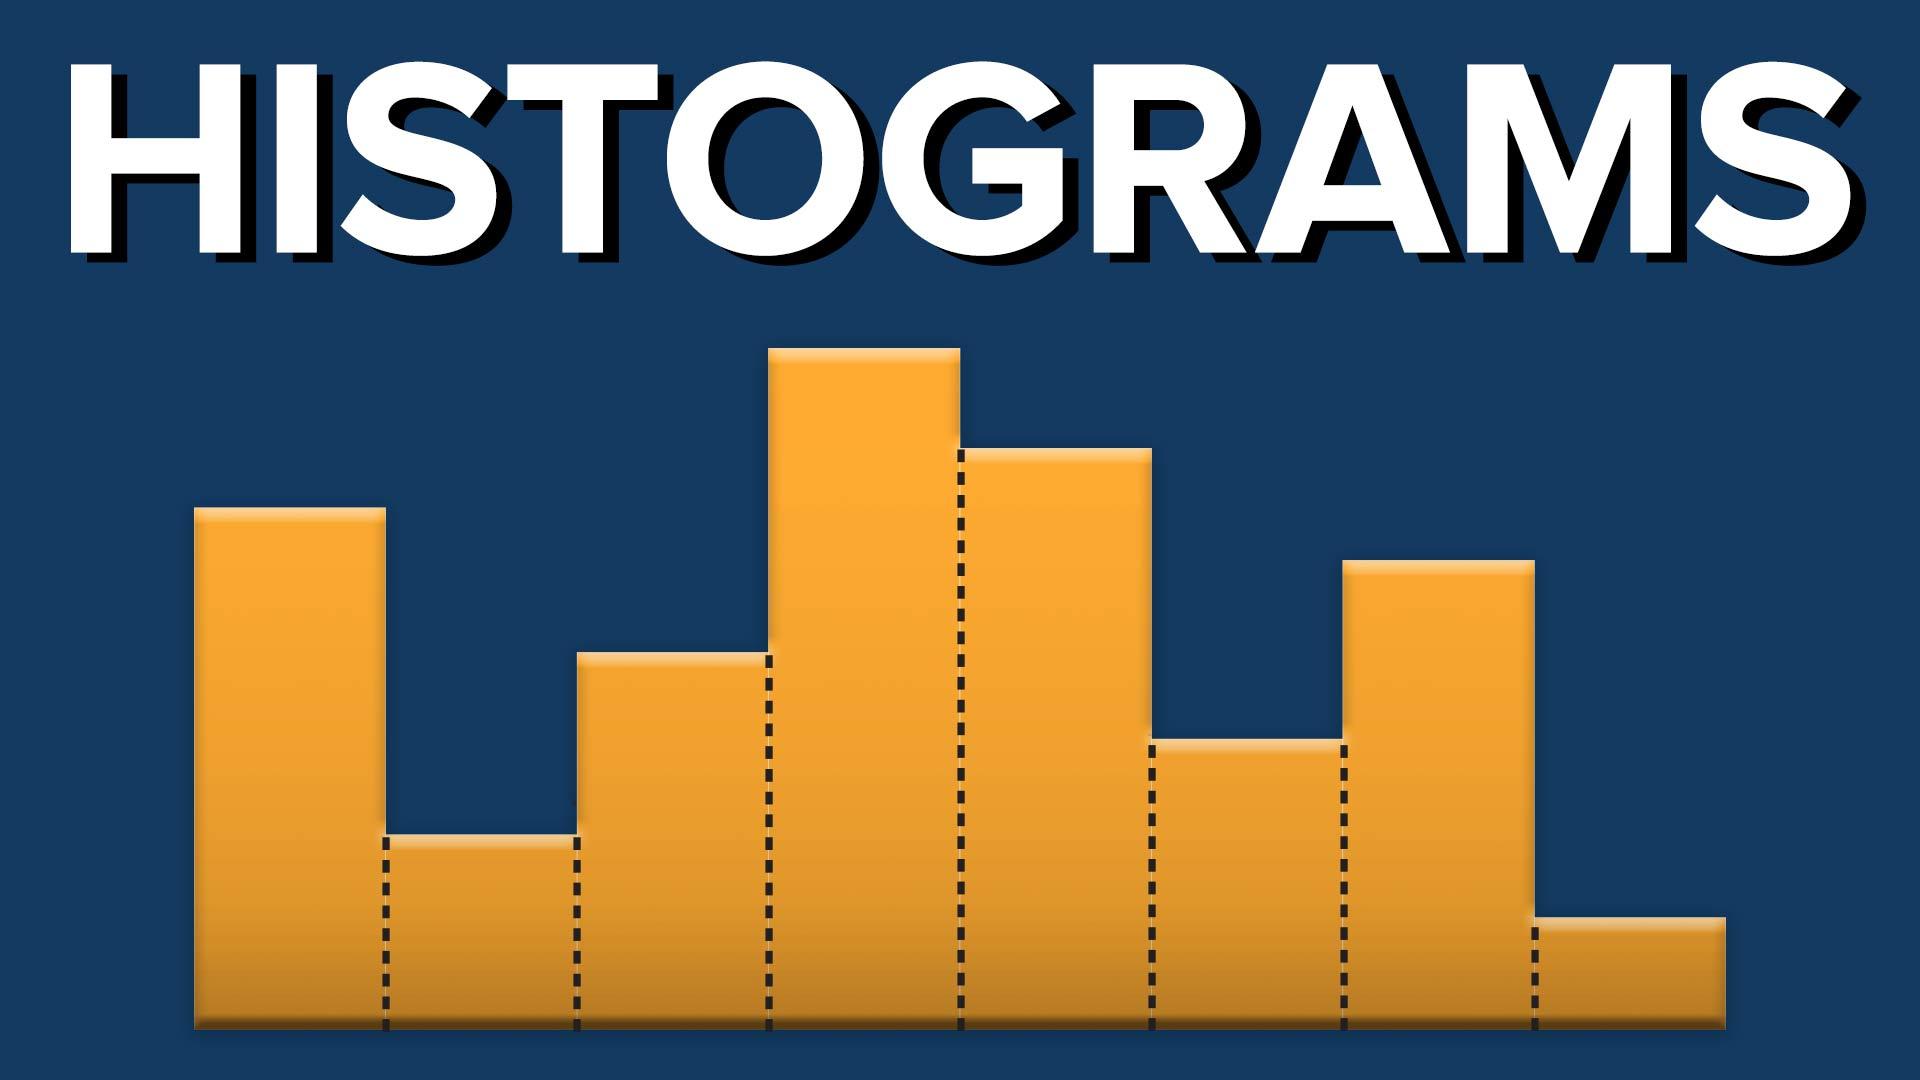 چگونه در اکسل نمودار هیستوگرام رسم کنیم